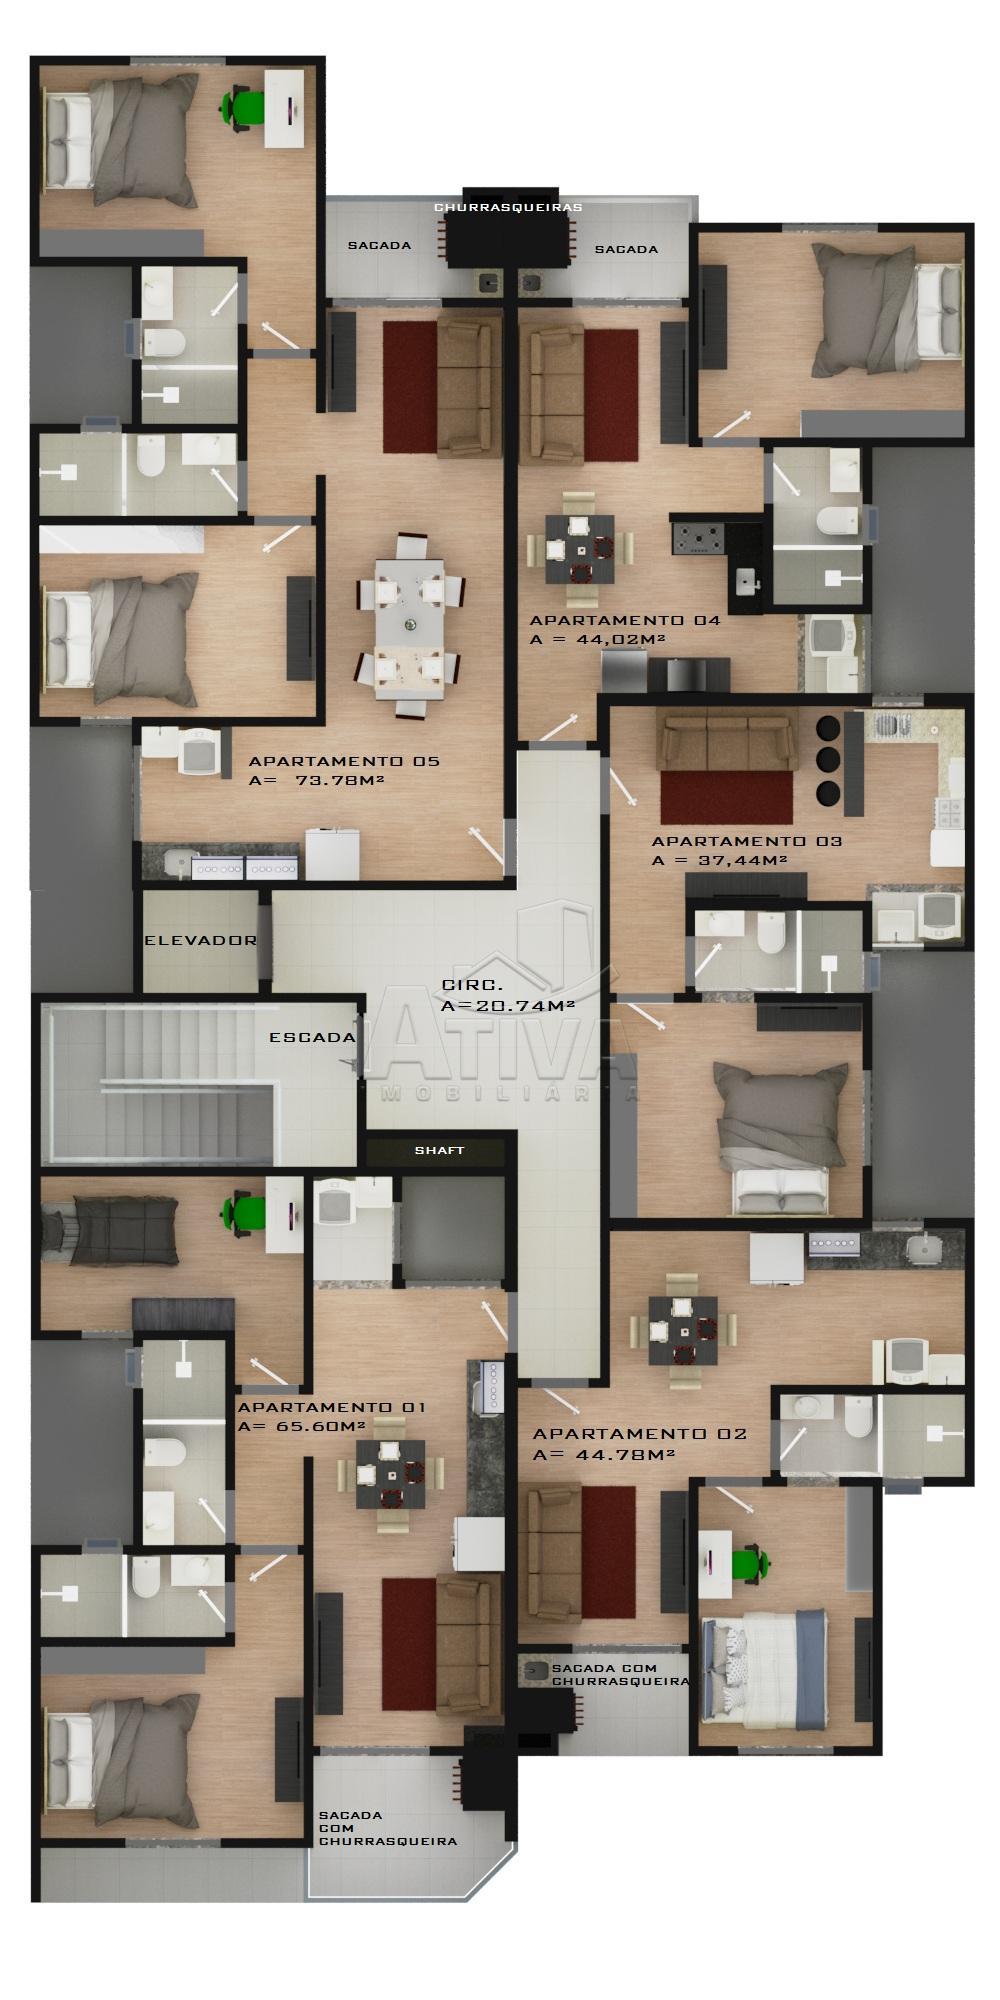 Comprar Apartamento / Padrão em Toledo apenas R$ 197.610,00 - Foto 5